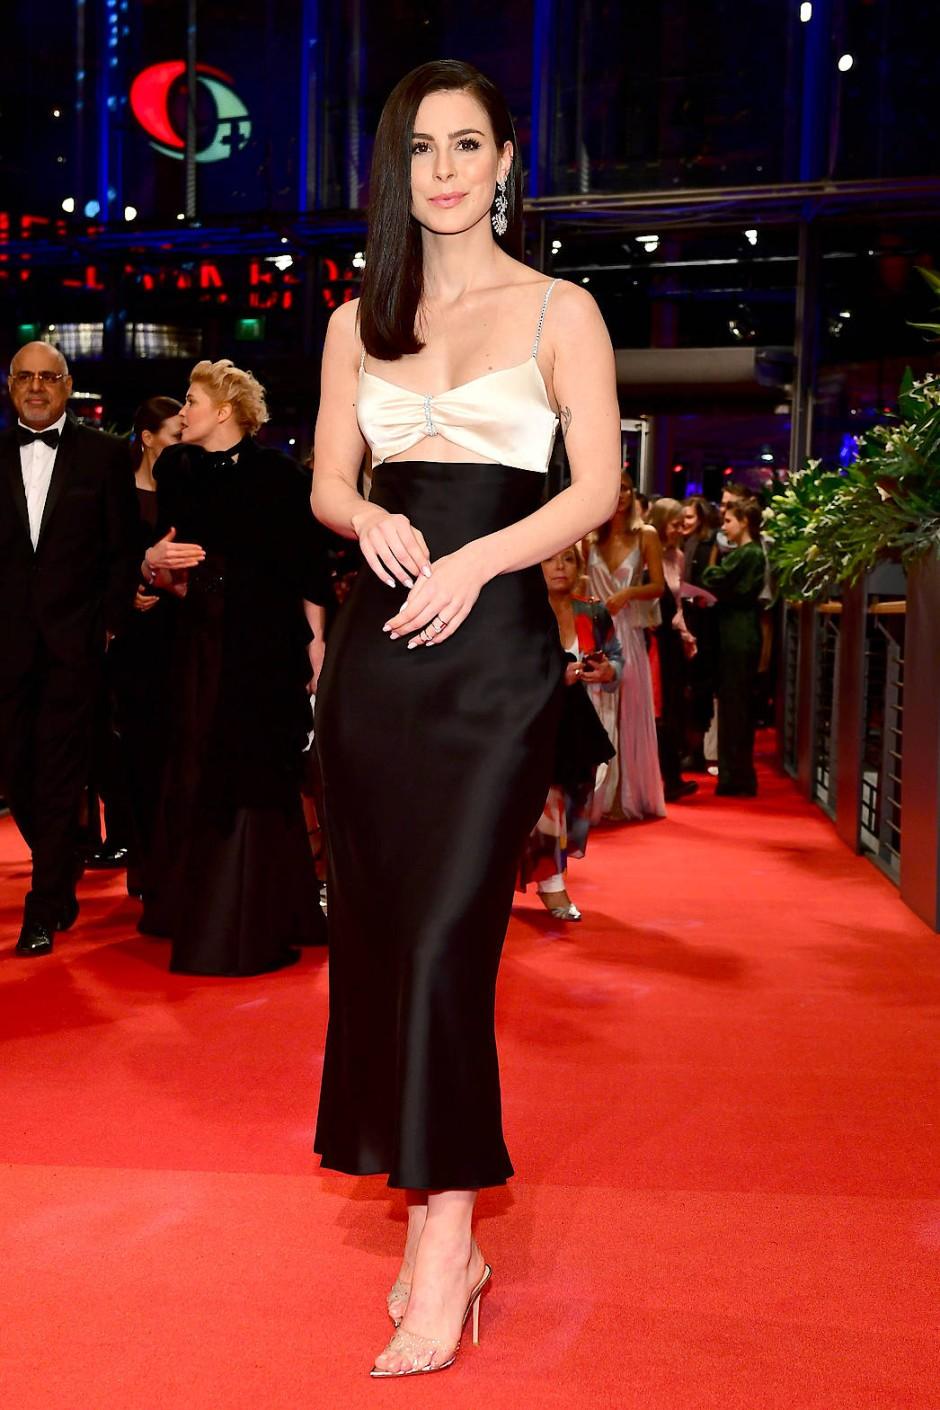 Lena Meyer-Landrut auf der Berlinale: Dieses schwarz-weiße Outfit gehört in ihre persönlichen Top Ten, sagt sie.